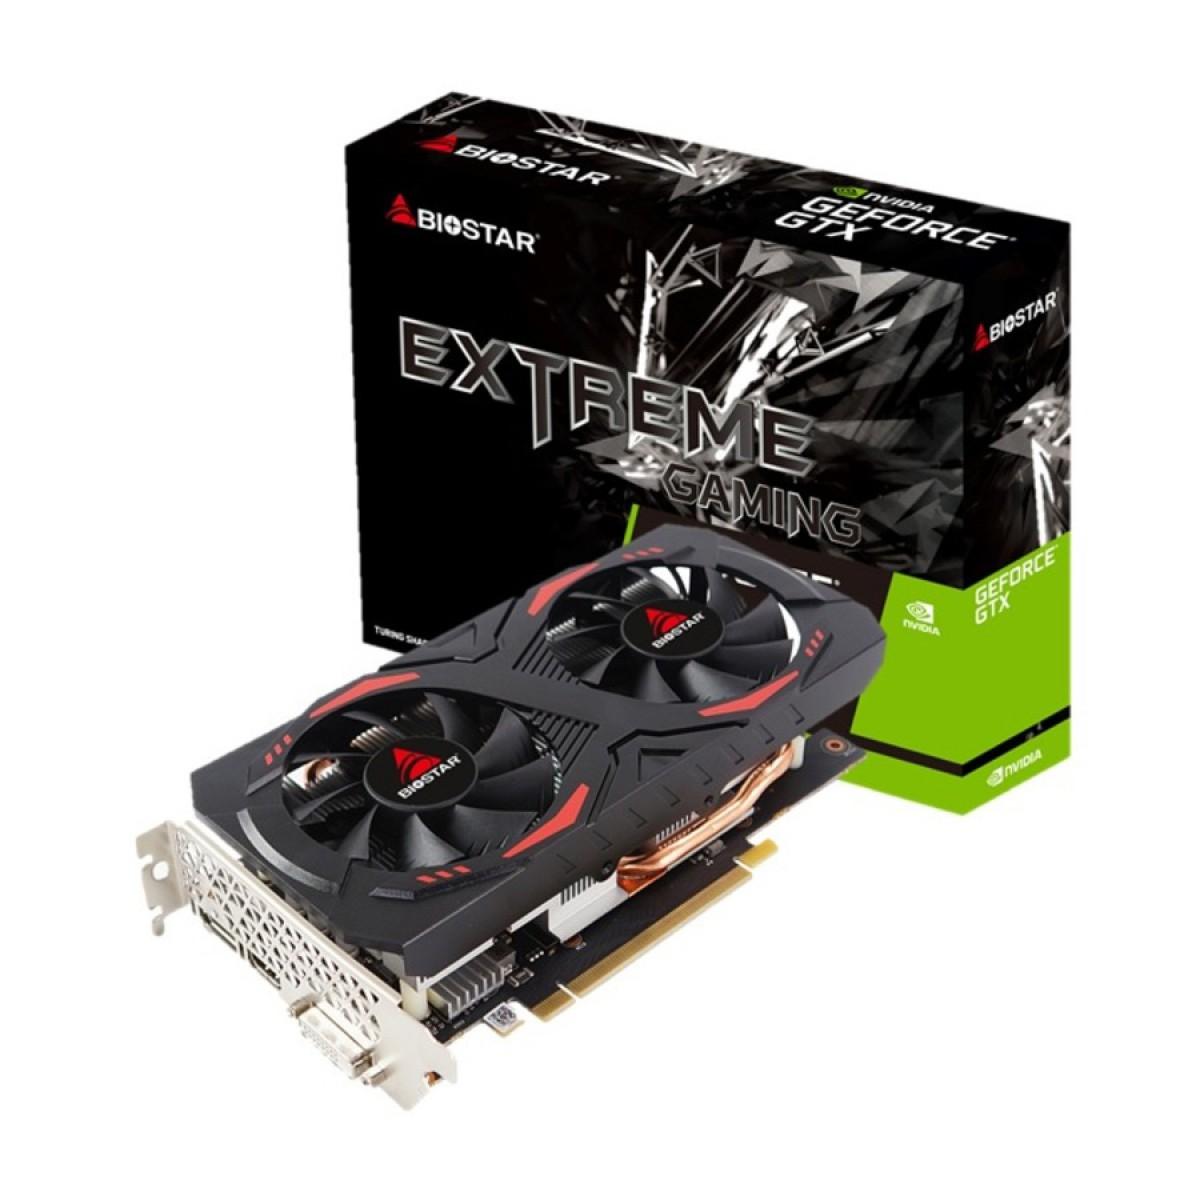 Placa de Vídeo Biostar, GeForce, GTX 1660 Dual, 6GB, GDDR5, 192Bit, VN1665XF69-TB1RH-BS2